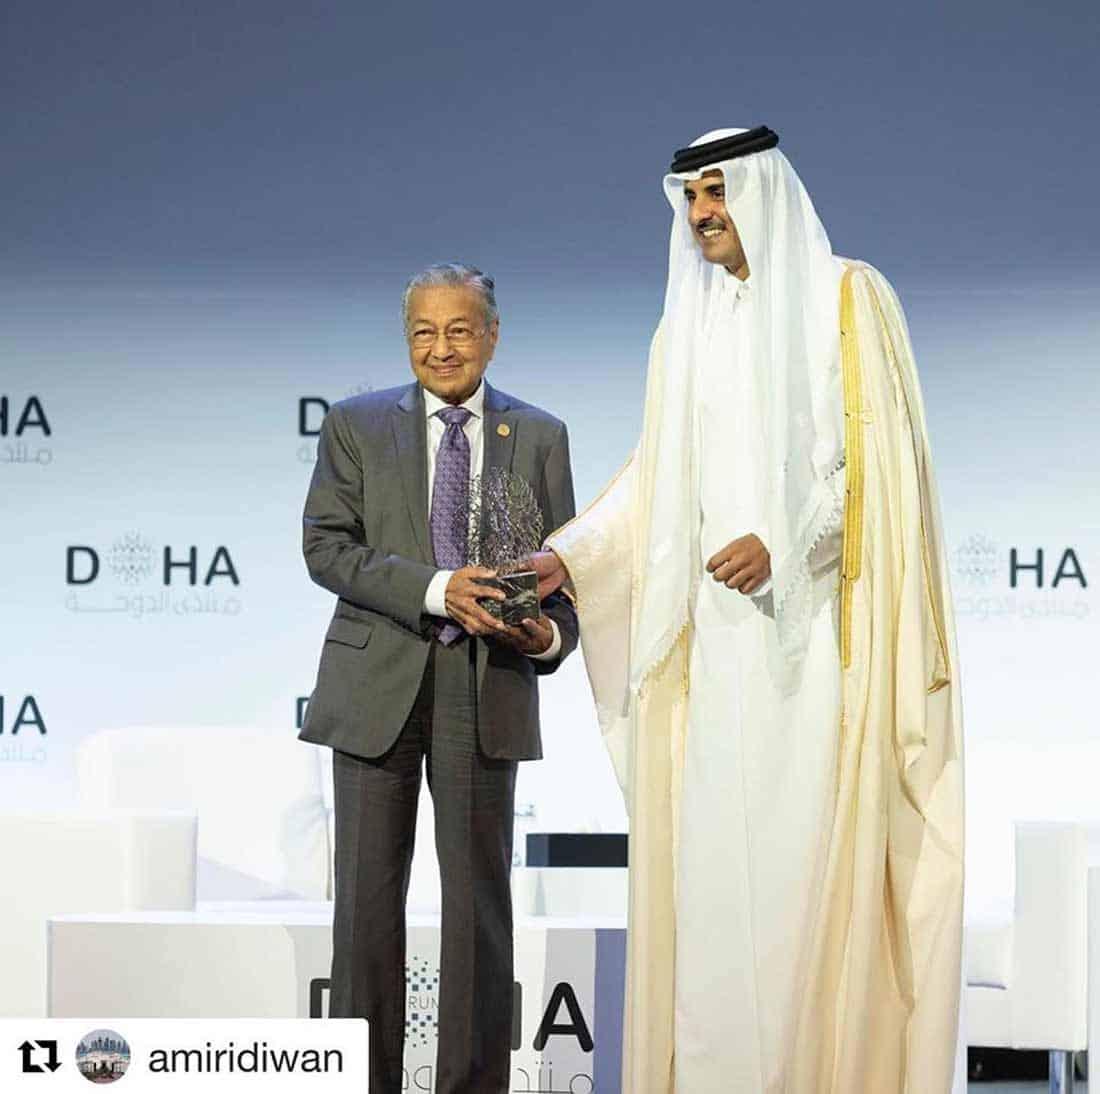 Mladost i iskustvo: Emir Države Katar i premijer Malezije